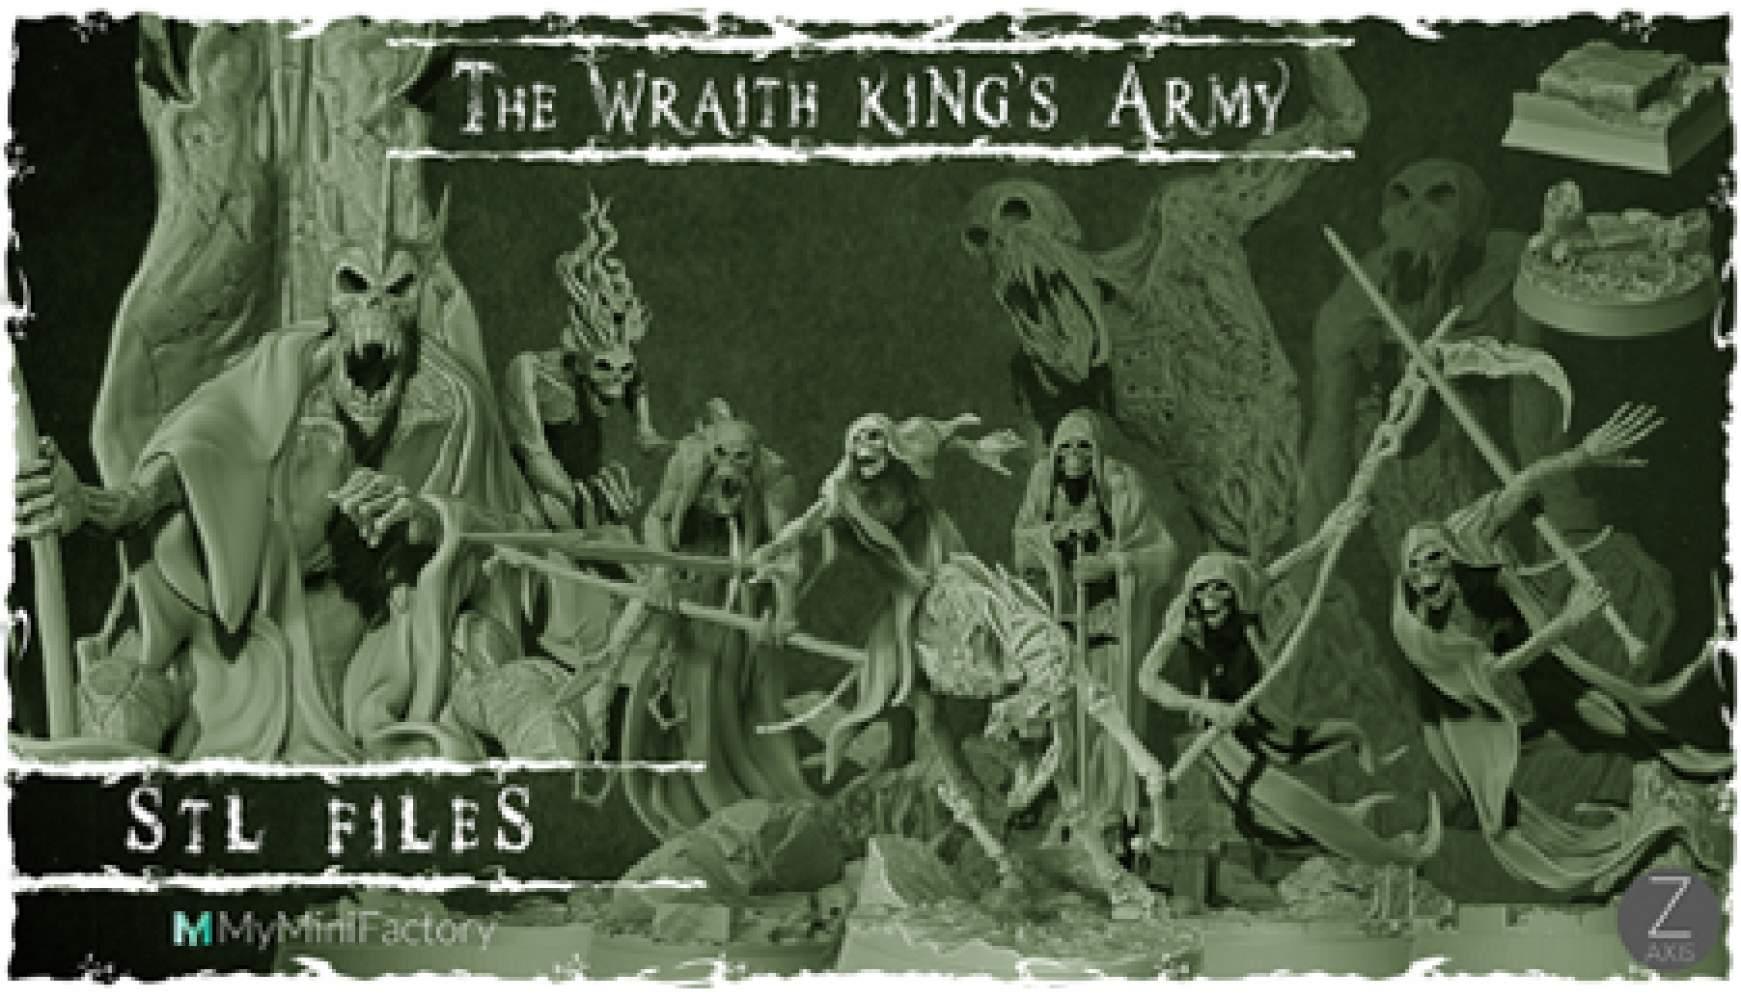 The Wraith King's Army